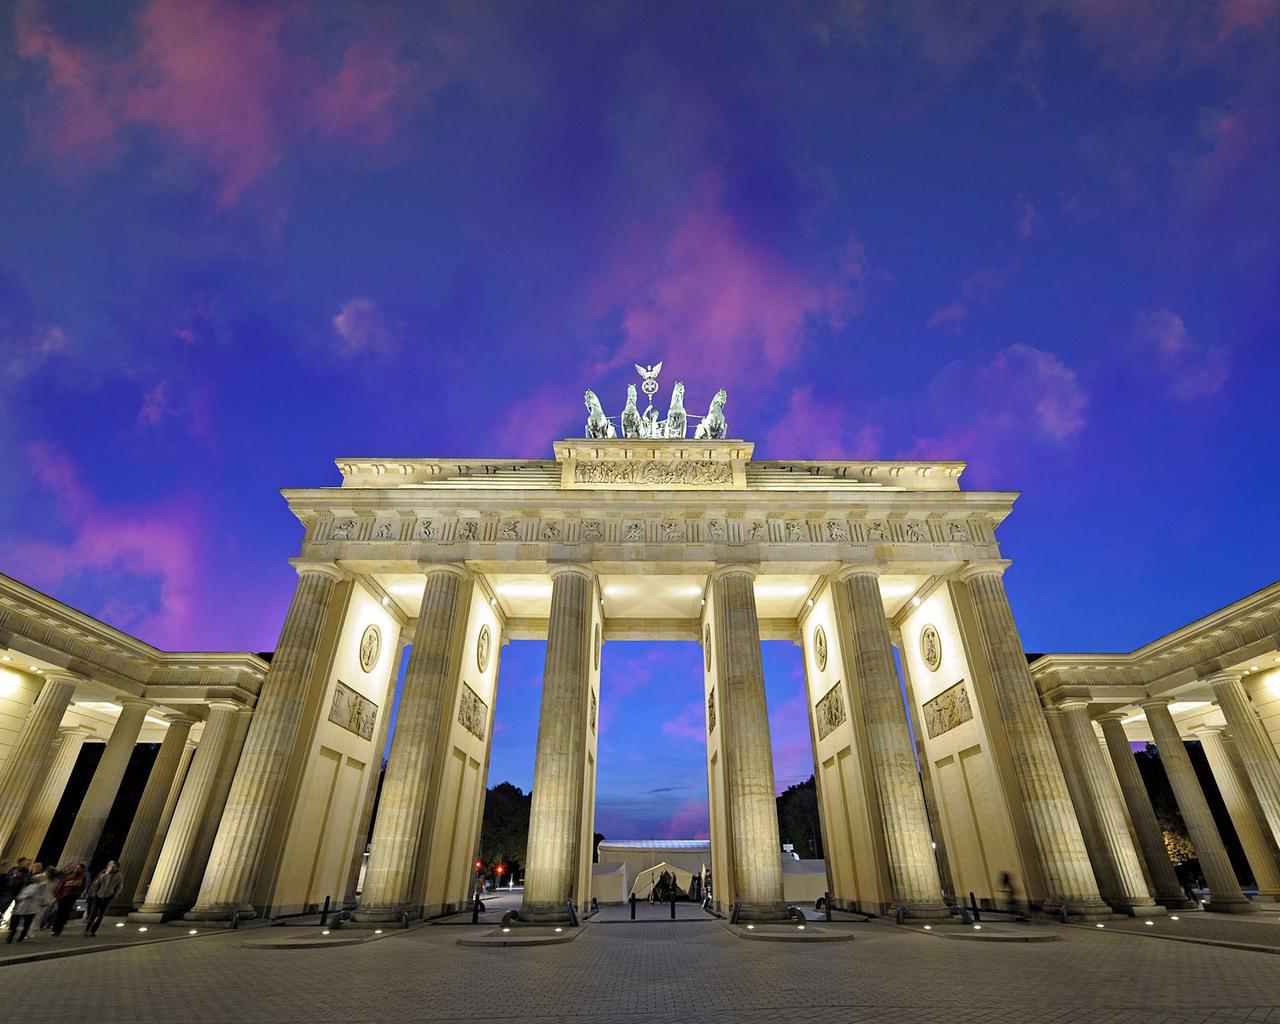 Авиа Совет.ру - Главные достопримечательности Германии в фотографиях